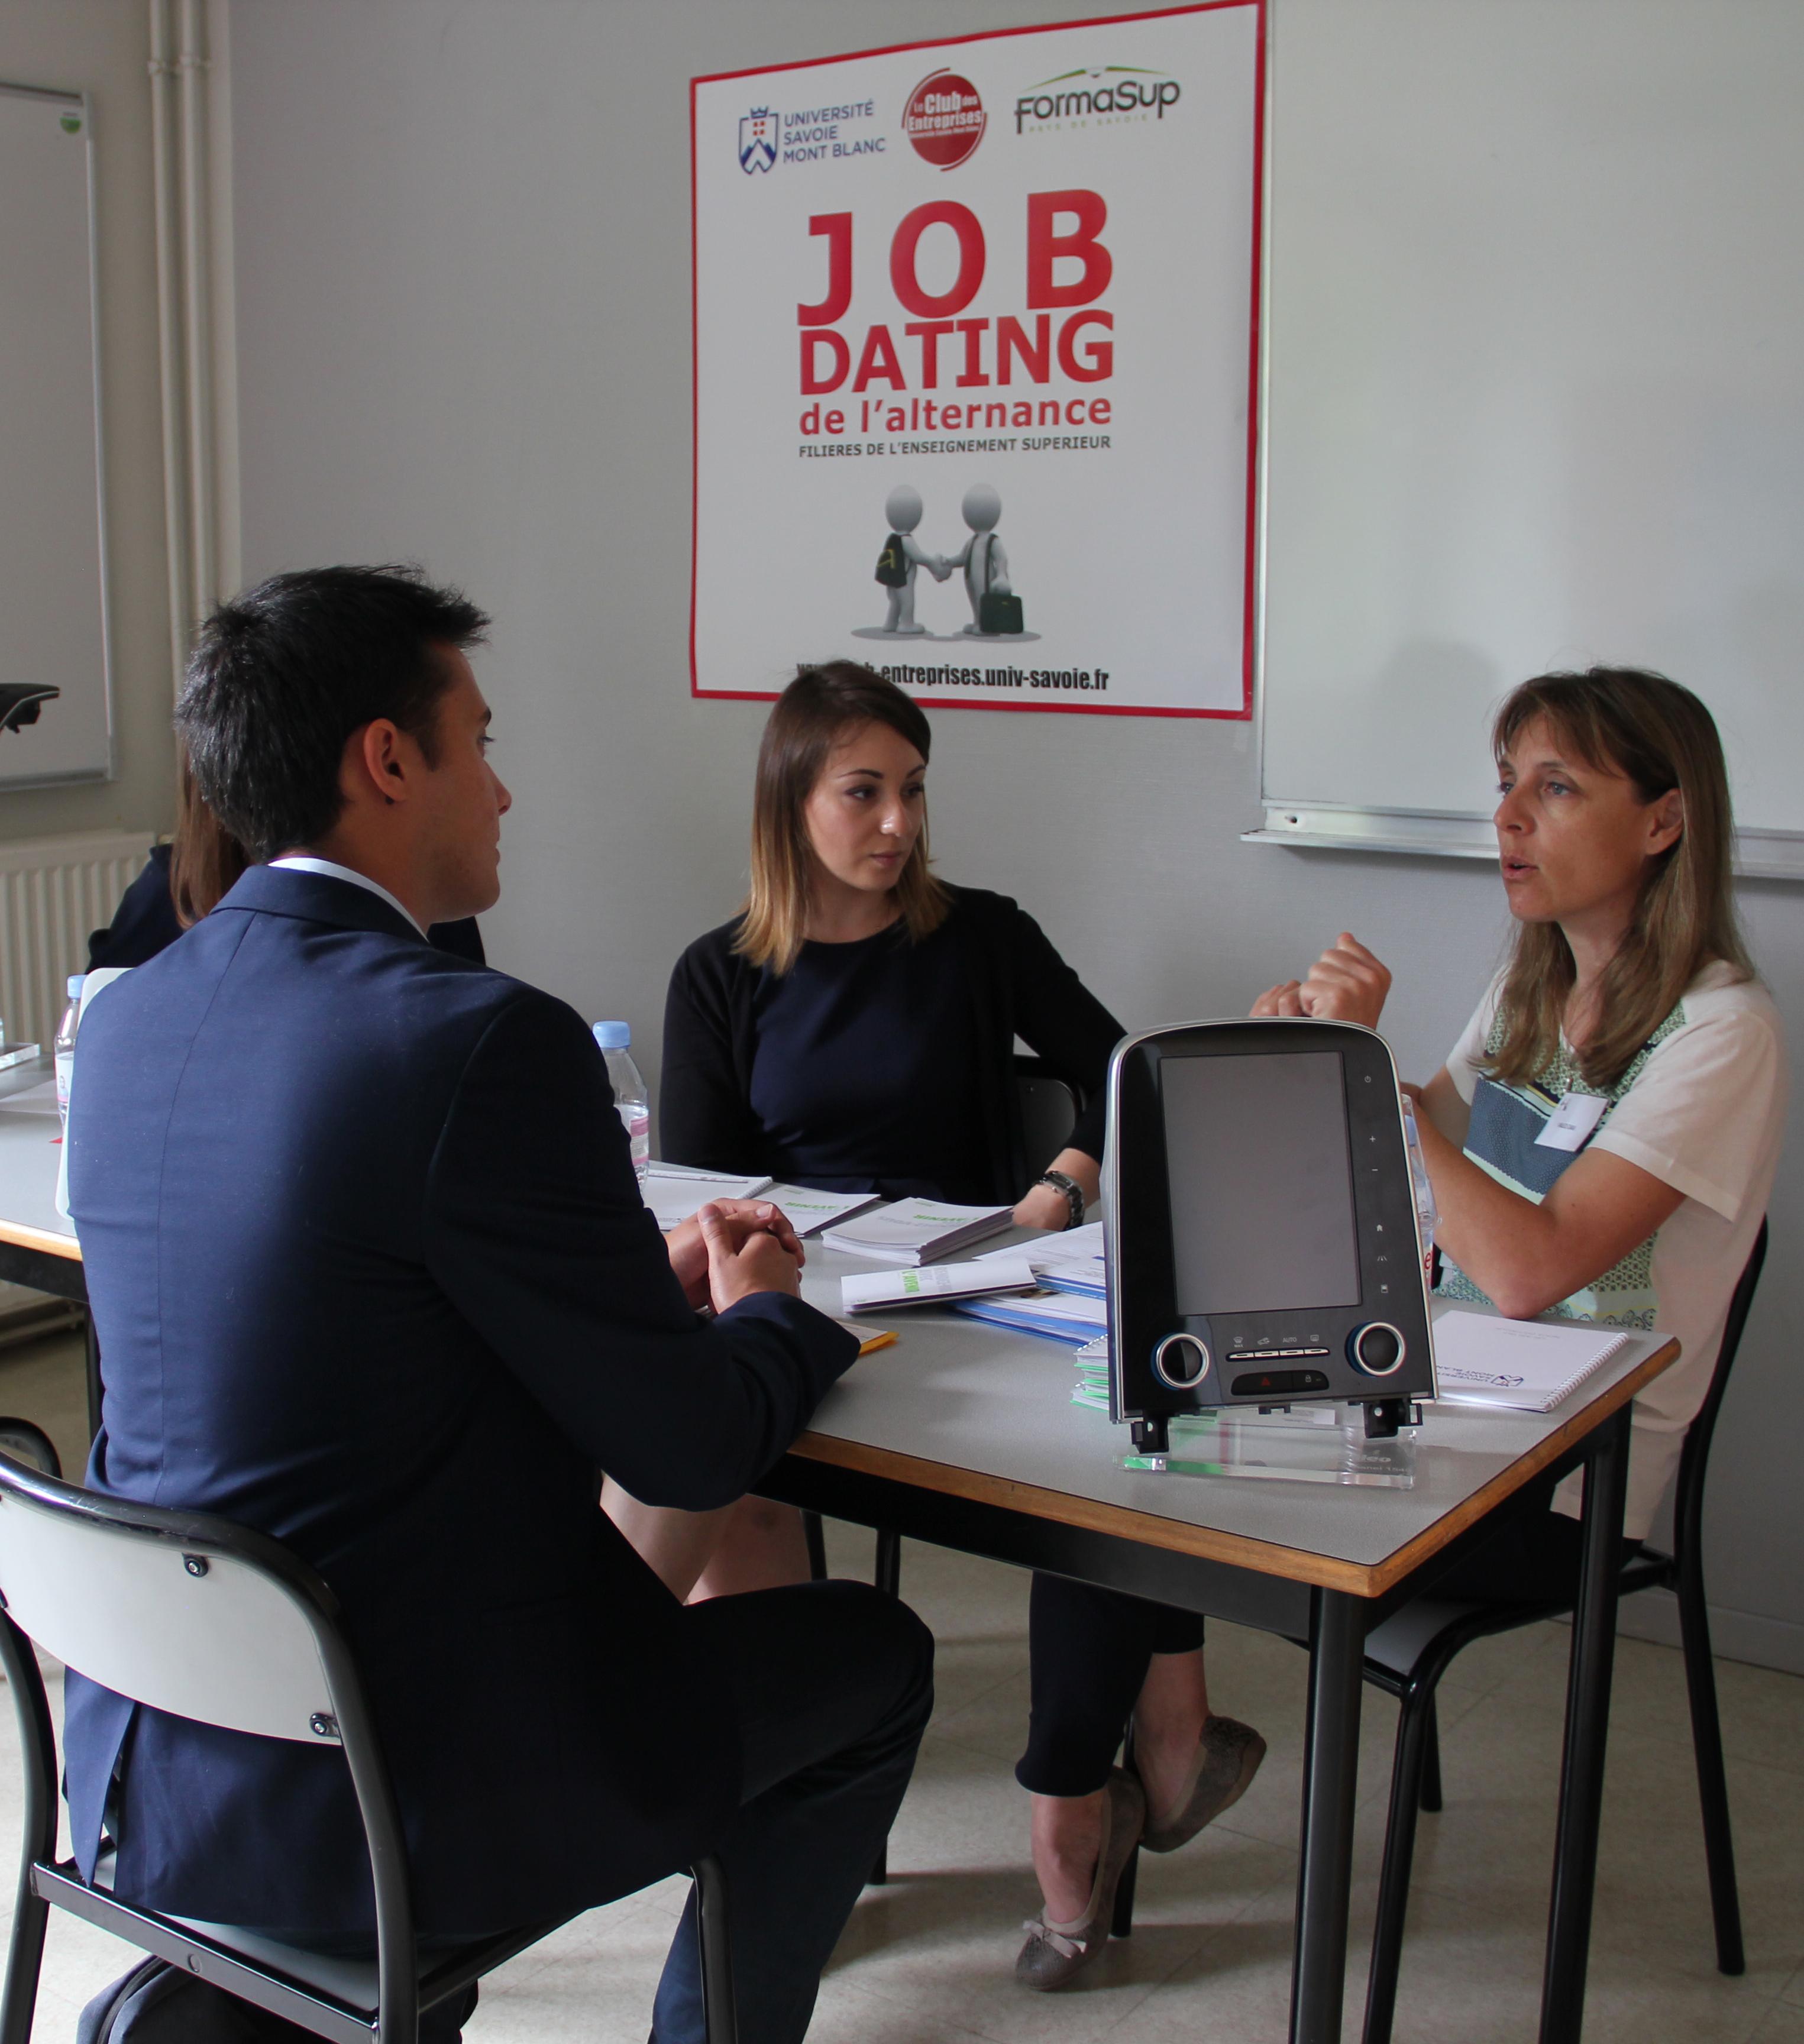 job dating alternance marseille Dans le cadre du plan marseille emploi organisé par la ville de marseille et aix-marseille université a eu lieu la 3e édition du job dating, le 23.